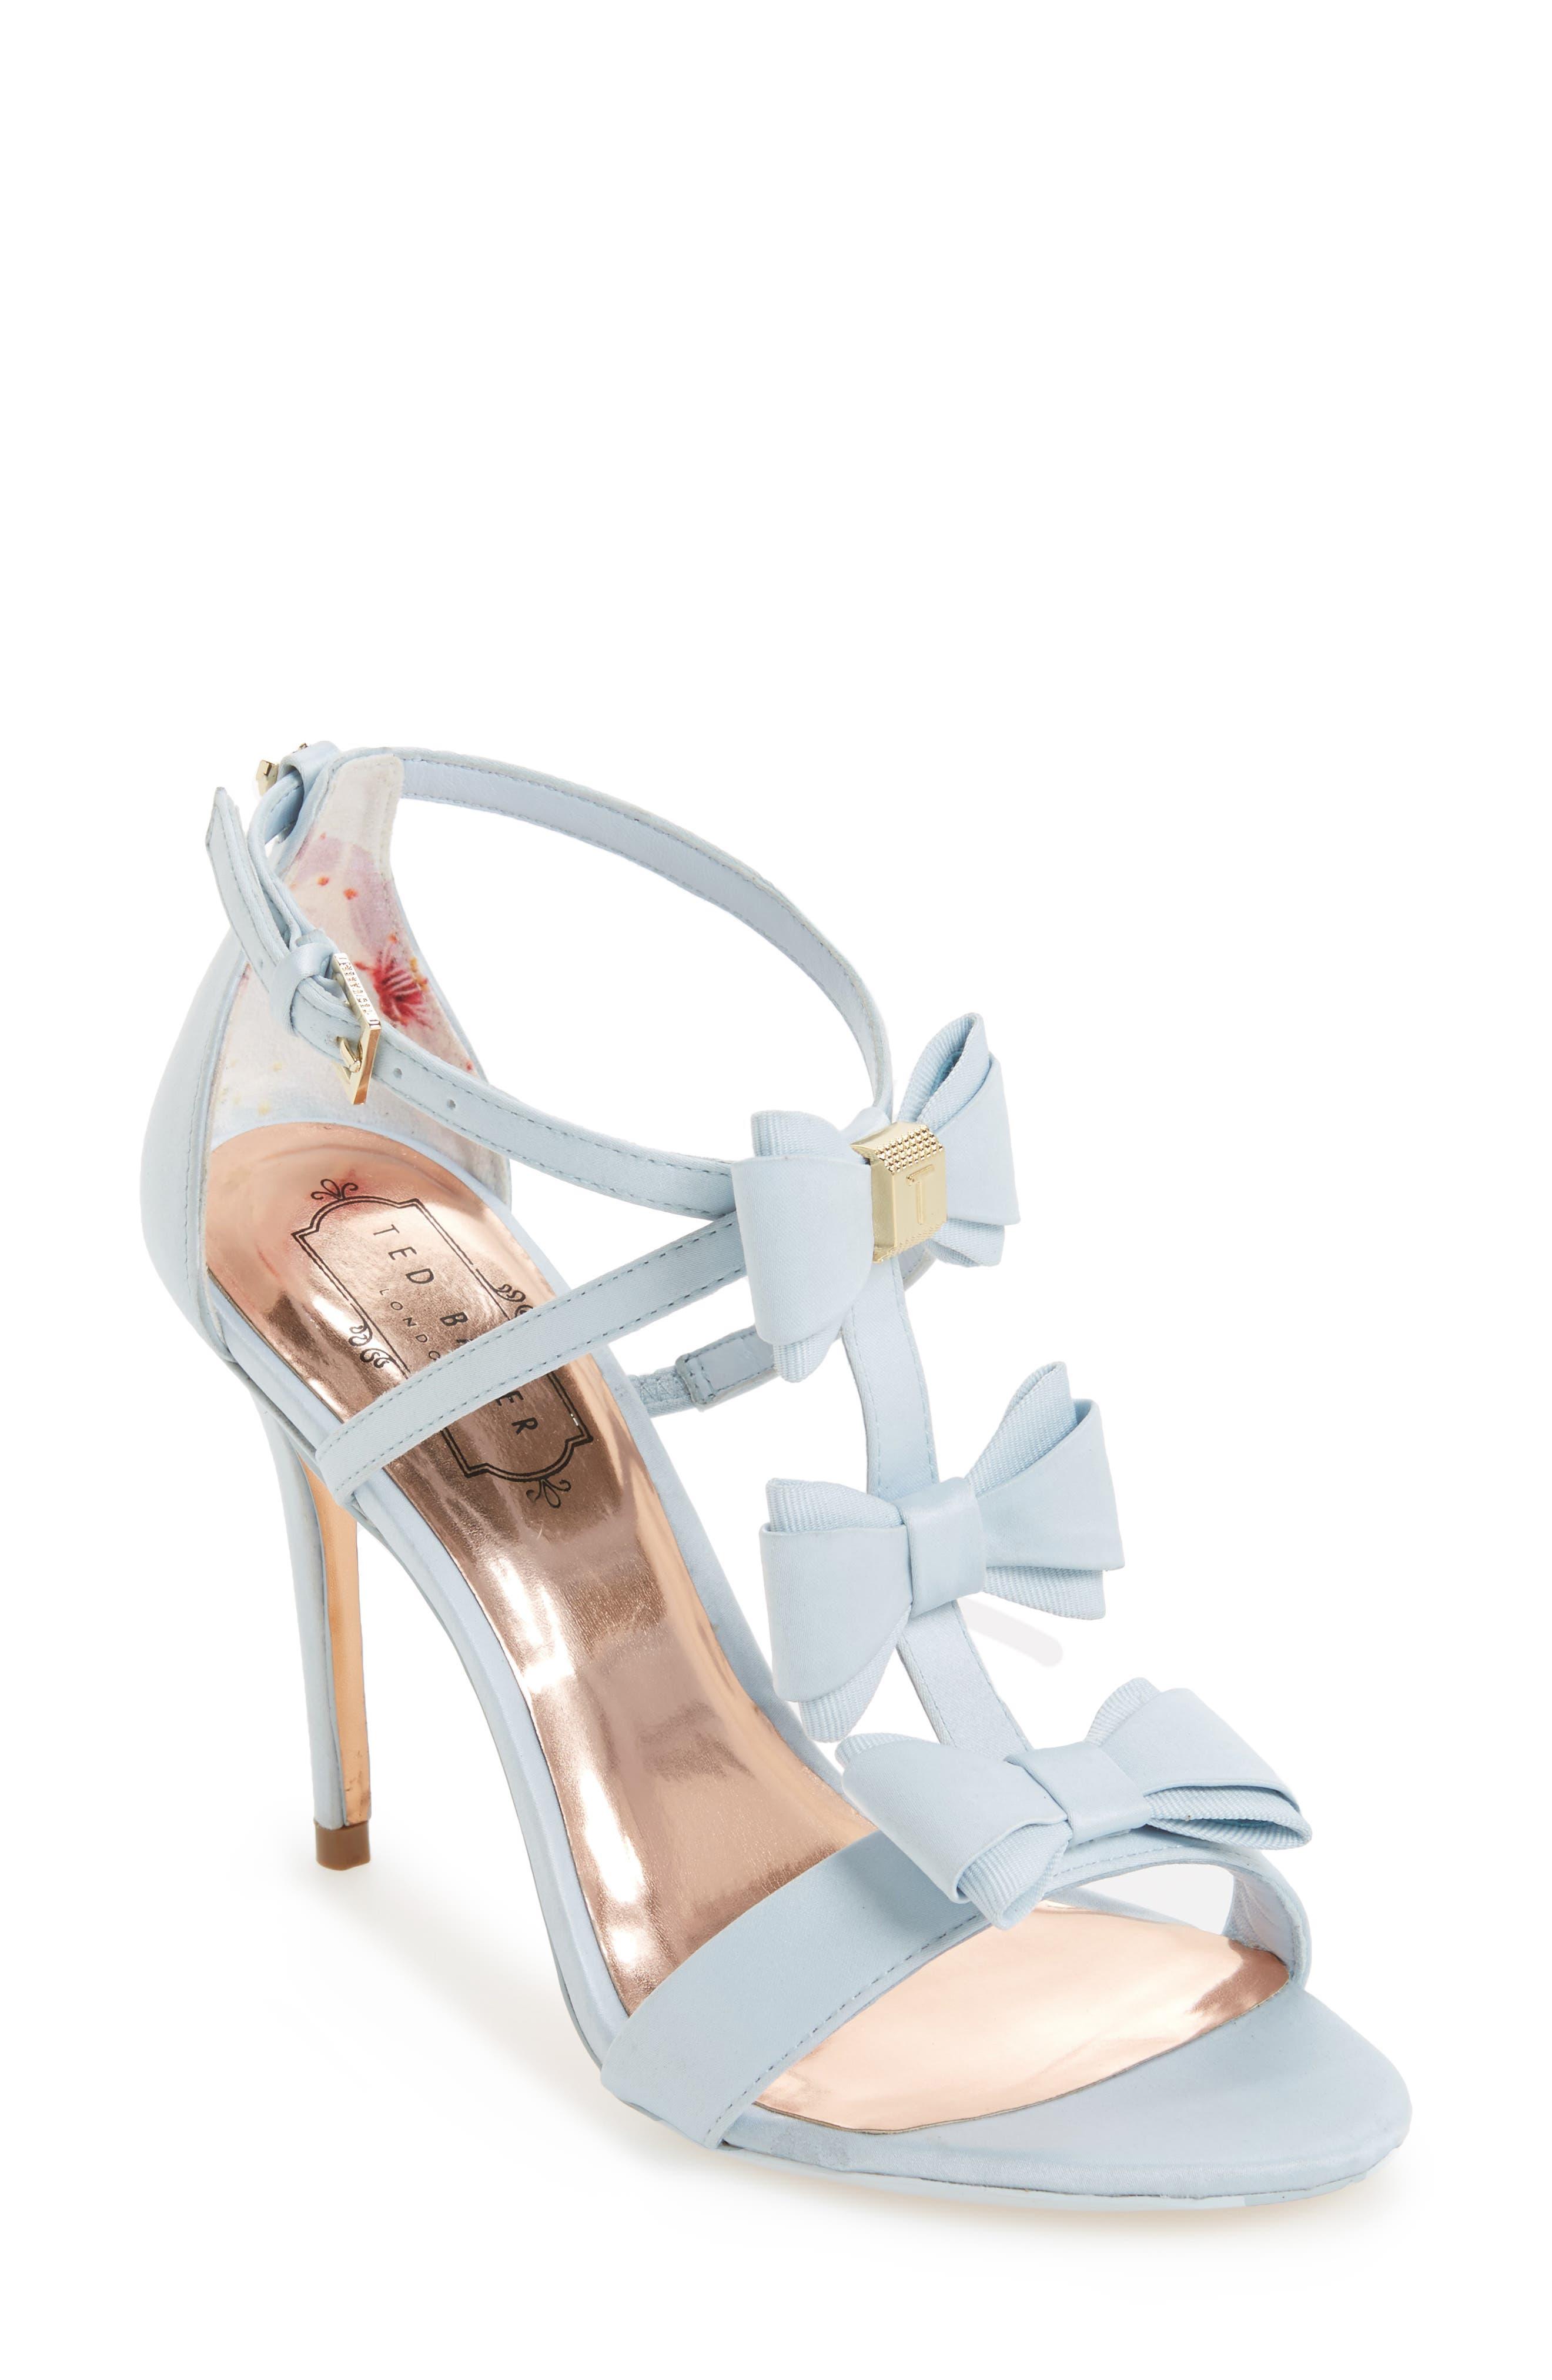 Main Image - Ted Baker Appolini Bow Sandal (Women)